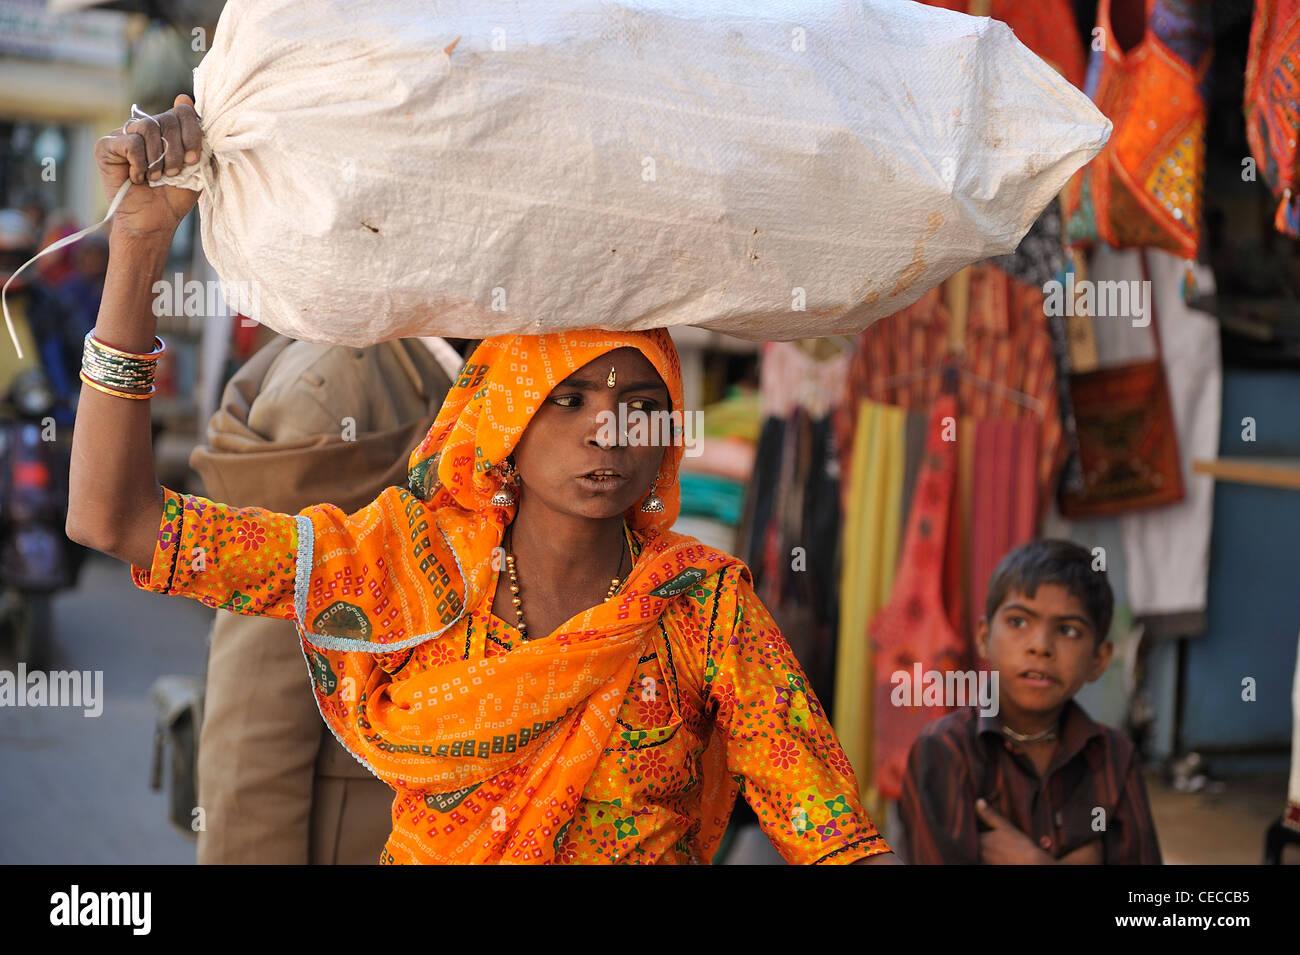 Donna in India sono per il duro lavoro e la vita di portare carichi pesanti sulle loro teste come qui in Jaisalmer; Immagini Stock